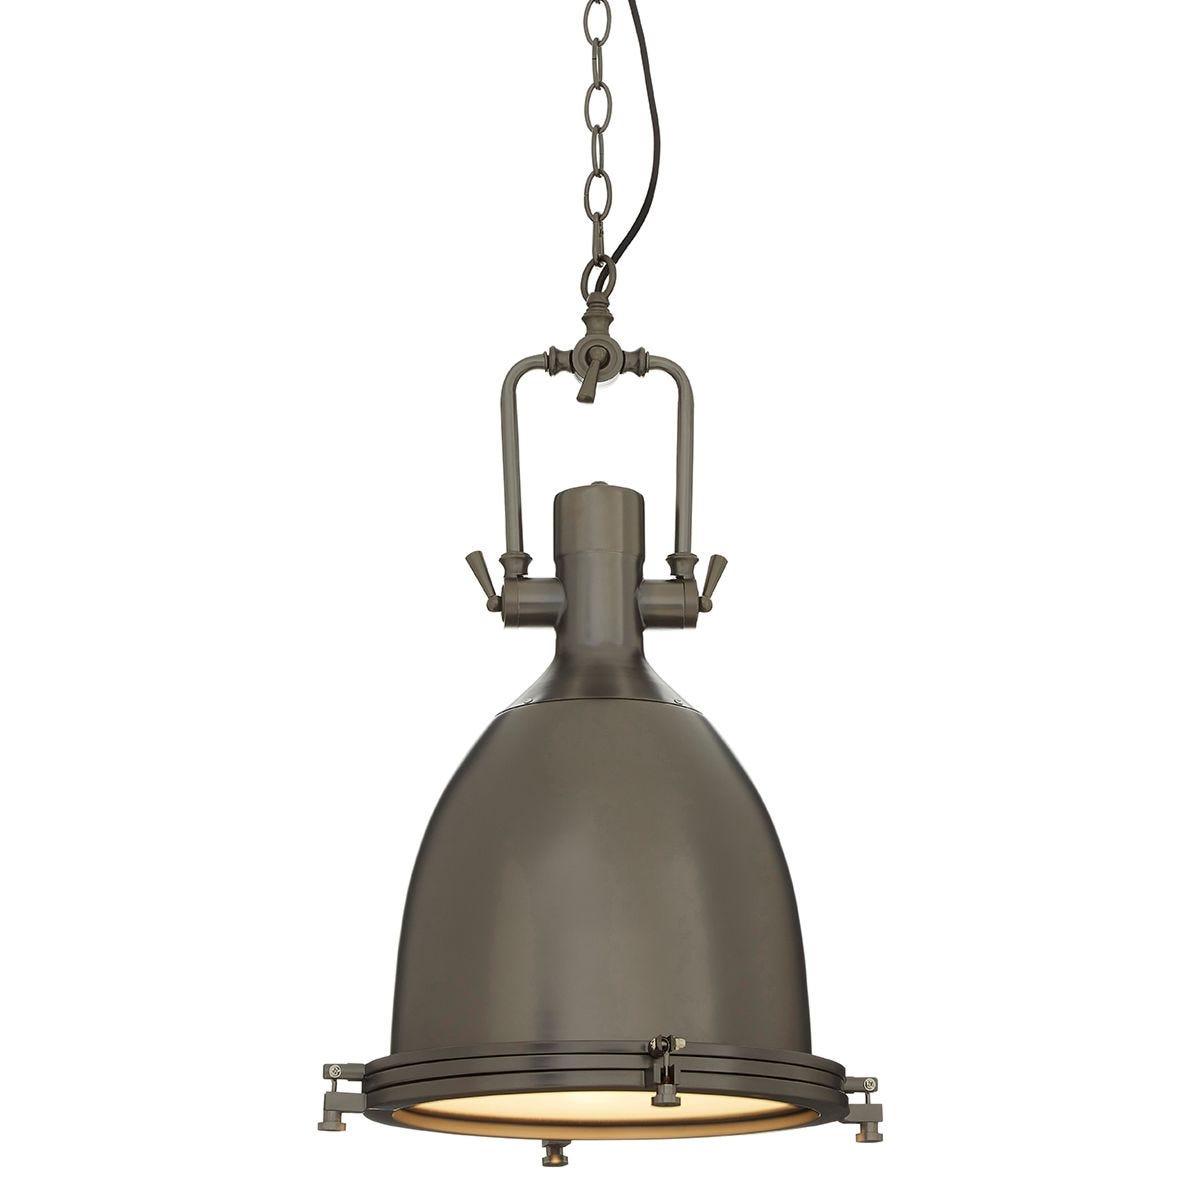 Premier Housewares Lexington Large Gunmetal Plain Pendant Light